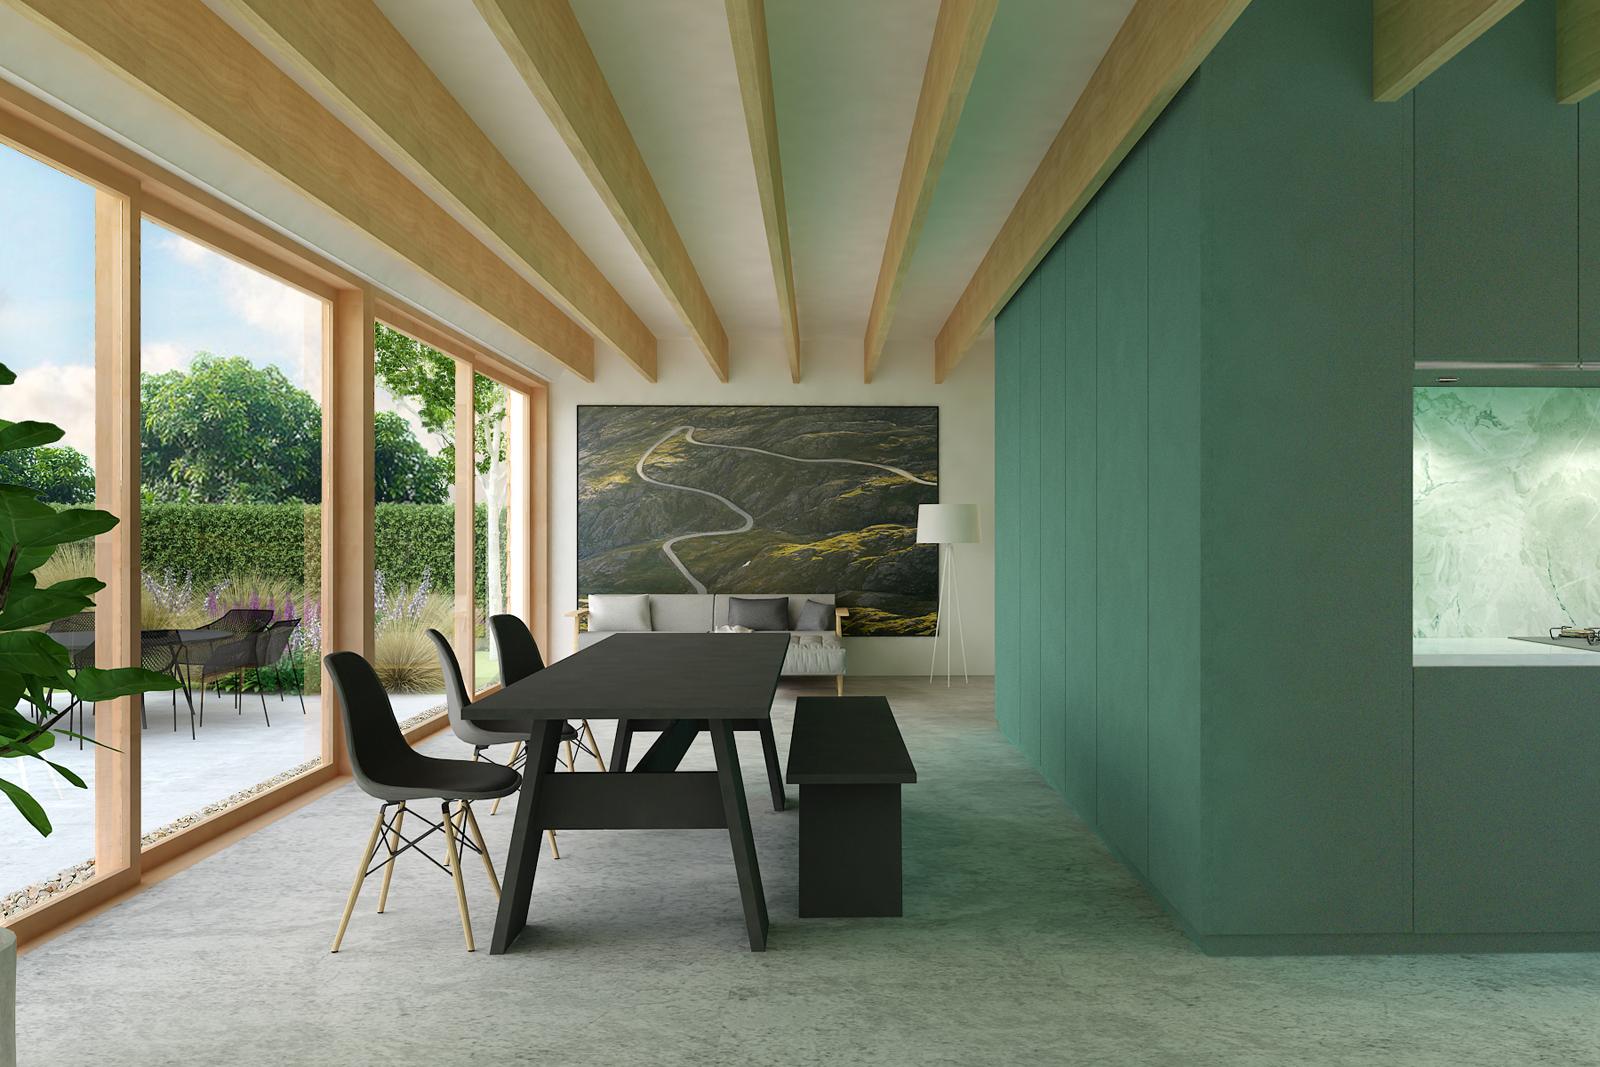 TheWayWeBuild architect Driemond house interior 1600 crop